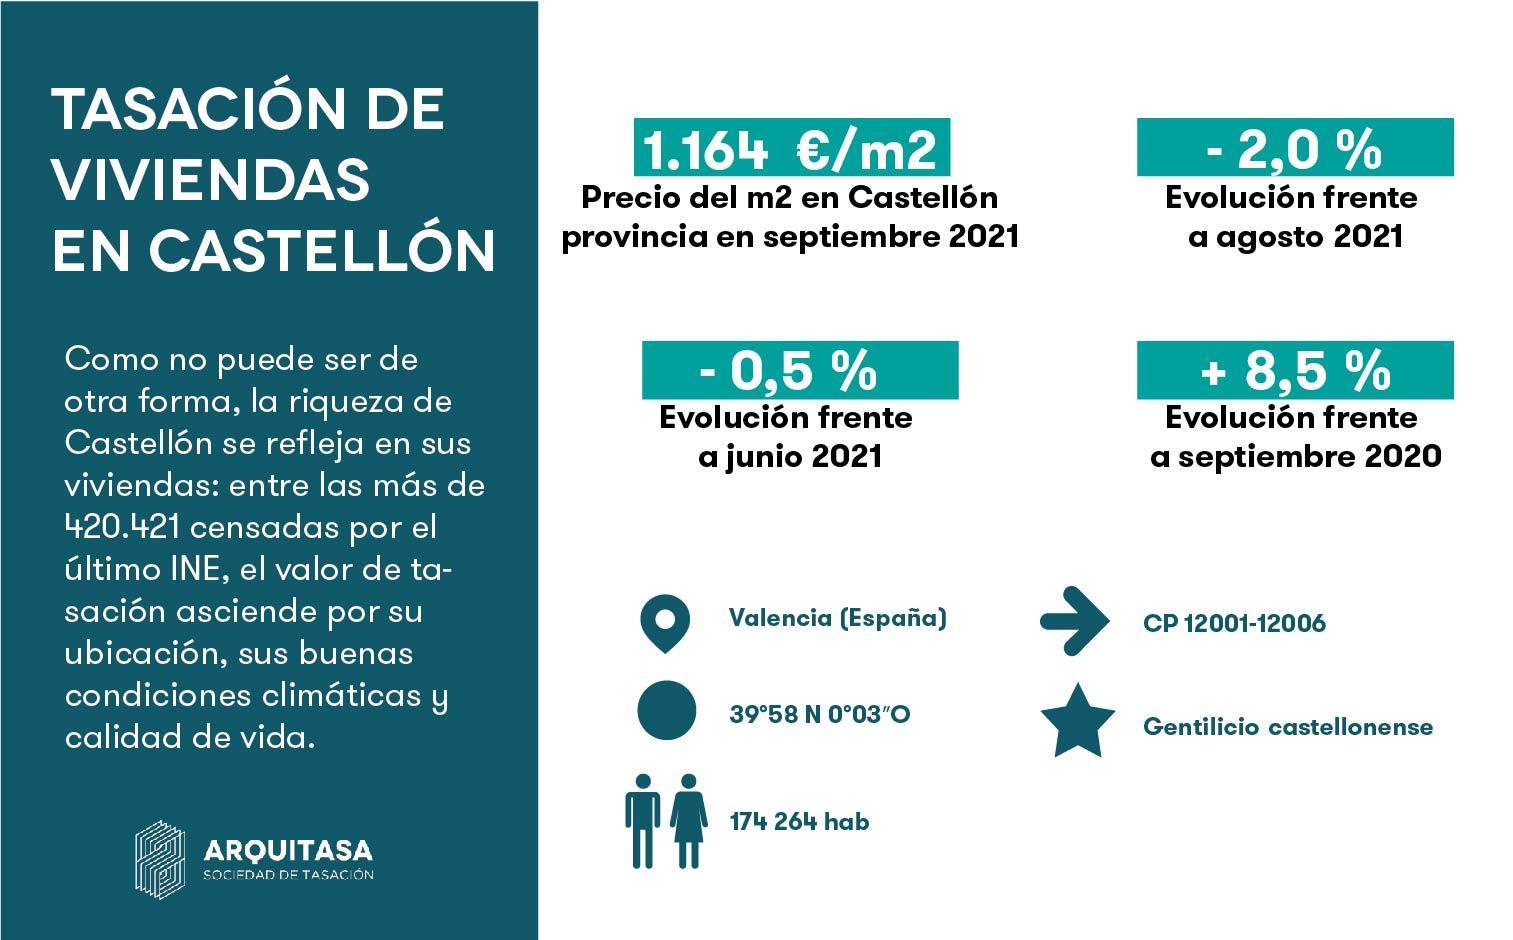 El precio de las tasaciones en Castellón depende entre otras cosas del mercado inmobiliario de la provincia